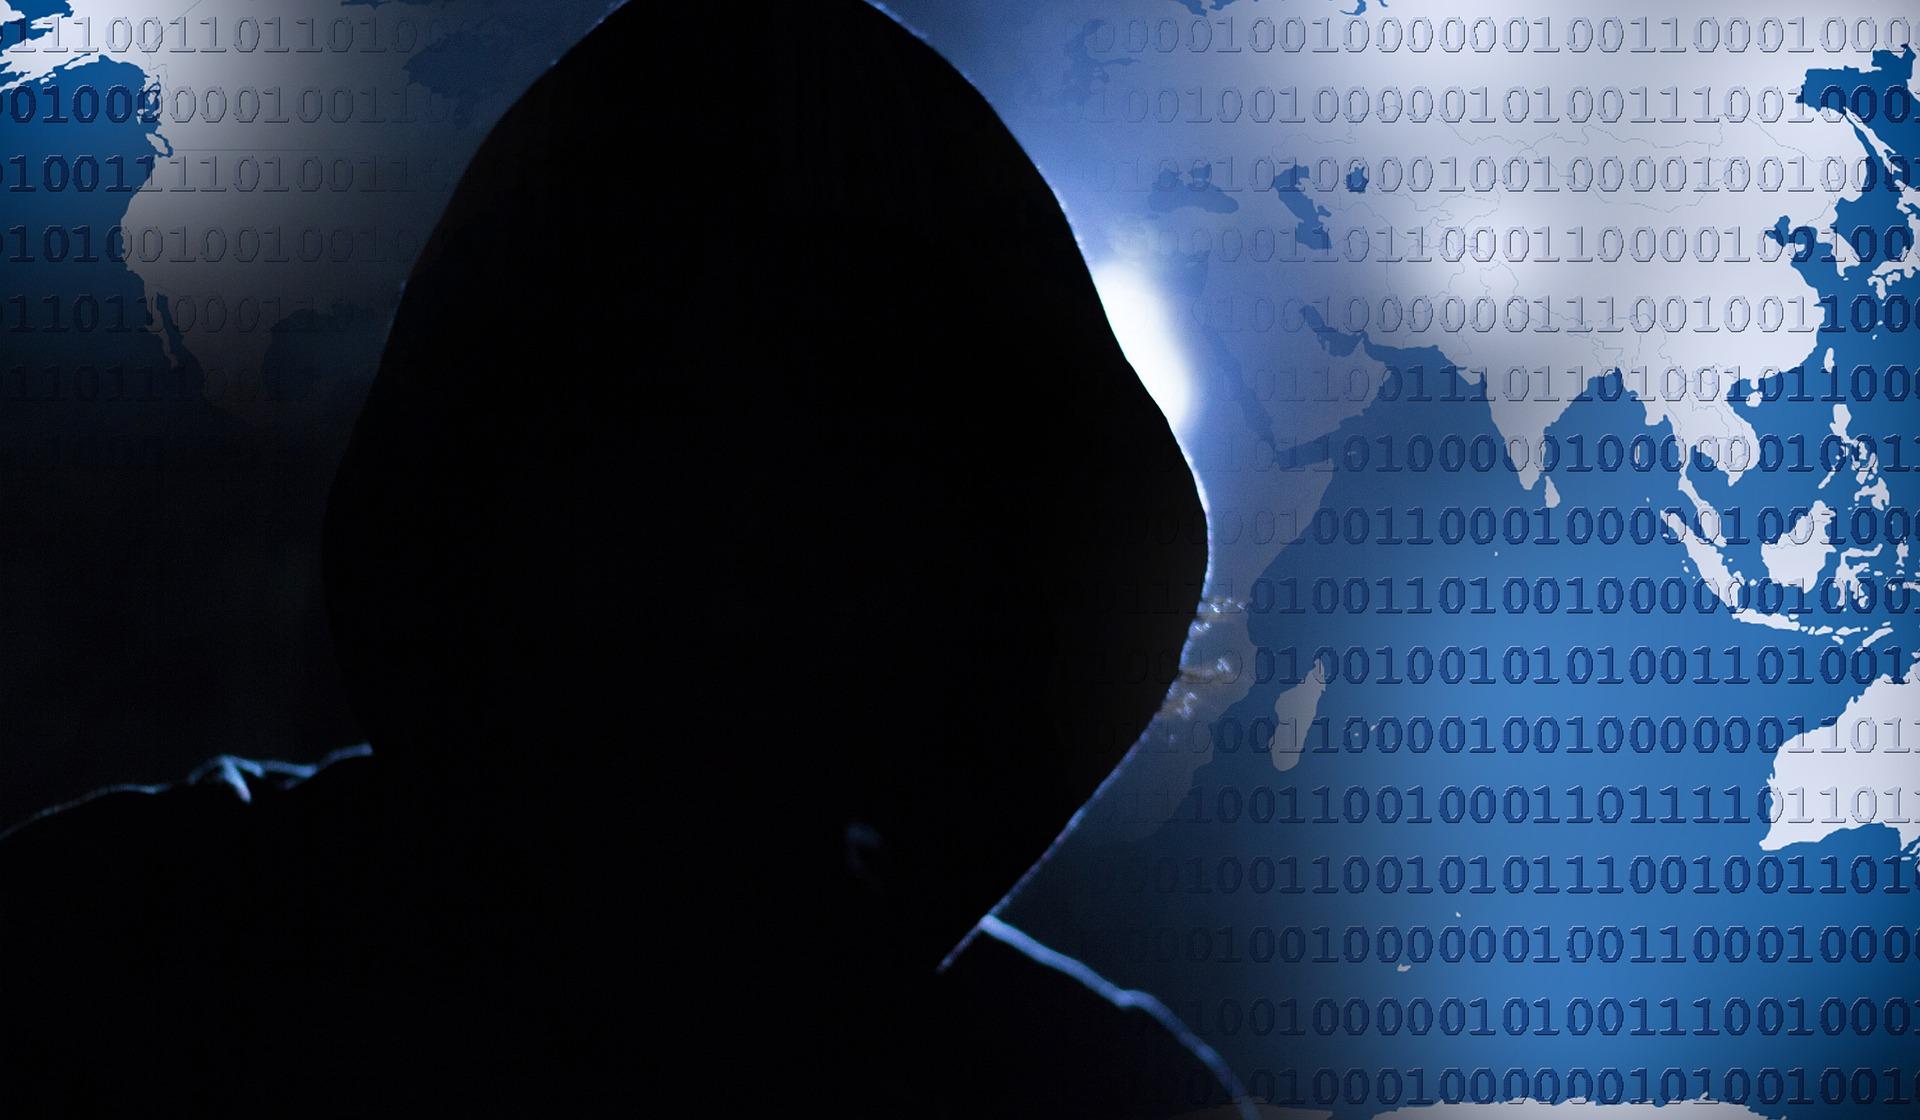 Beliebte Darstellung des Hackers. Meist liegt der Fehler aber beim Nutzer. (Bild: TheDigitalArtist/Pixabay)